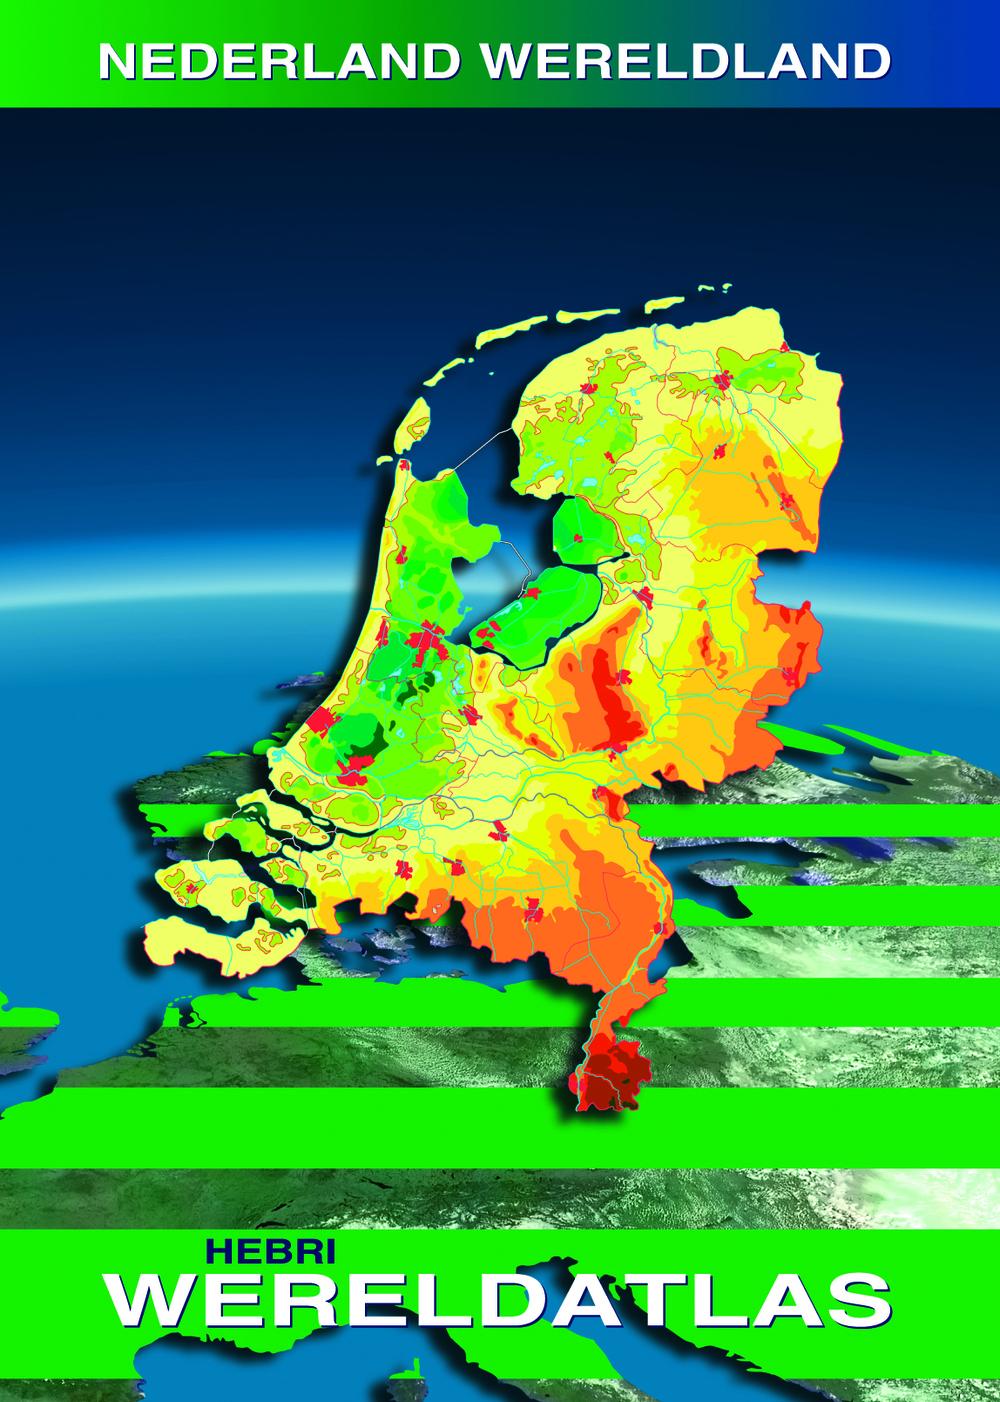 Omslag Nederland Wereldland2.jpg